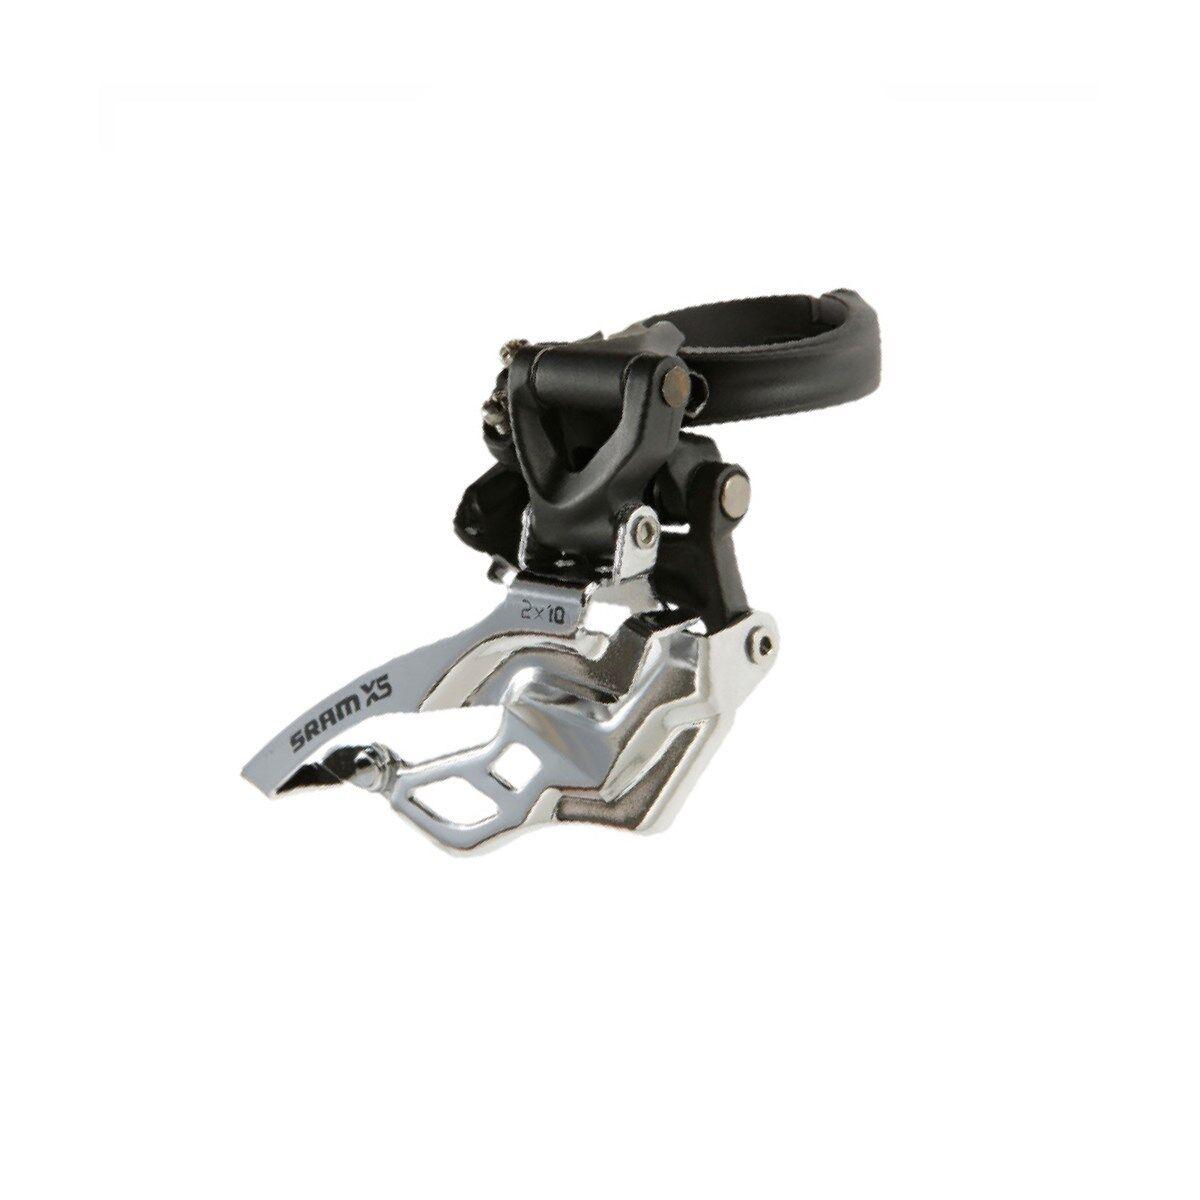 Sram X5 Deragliatore Anteriore 2x10 Basso Morsetto 31.8/34.9 Nero Dual Pull